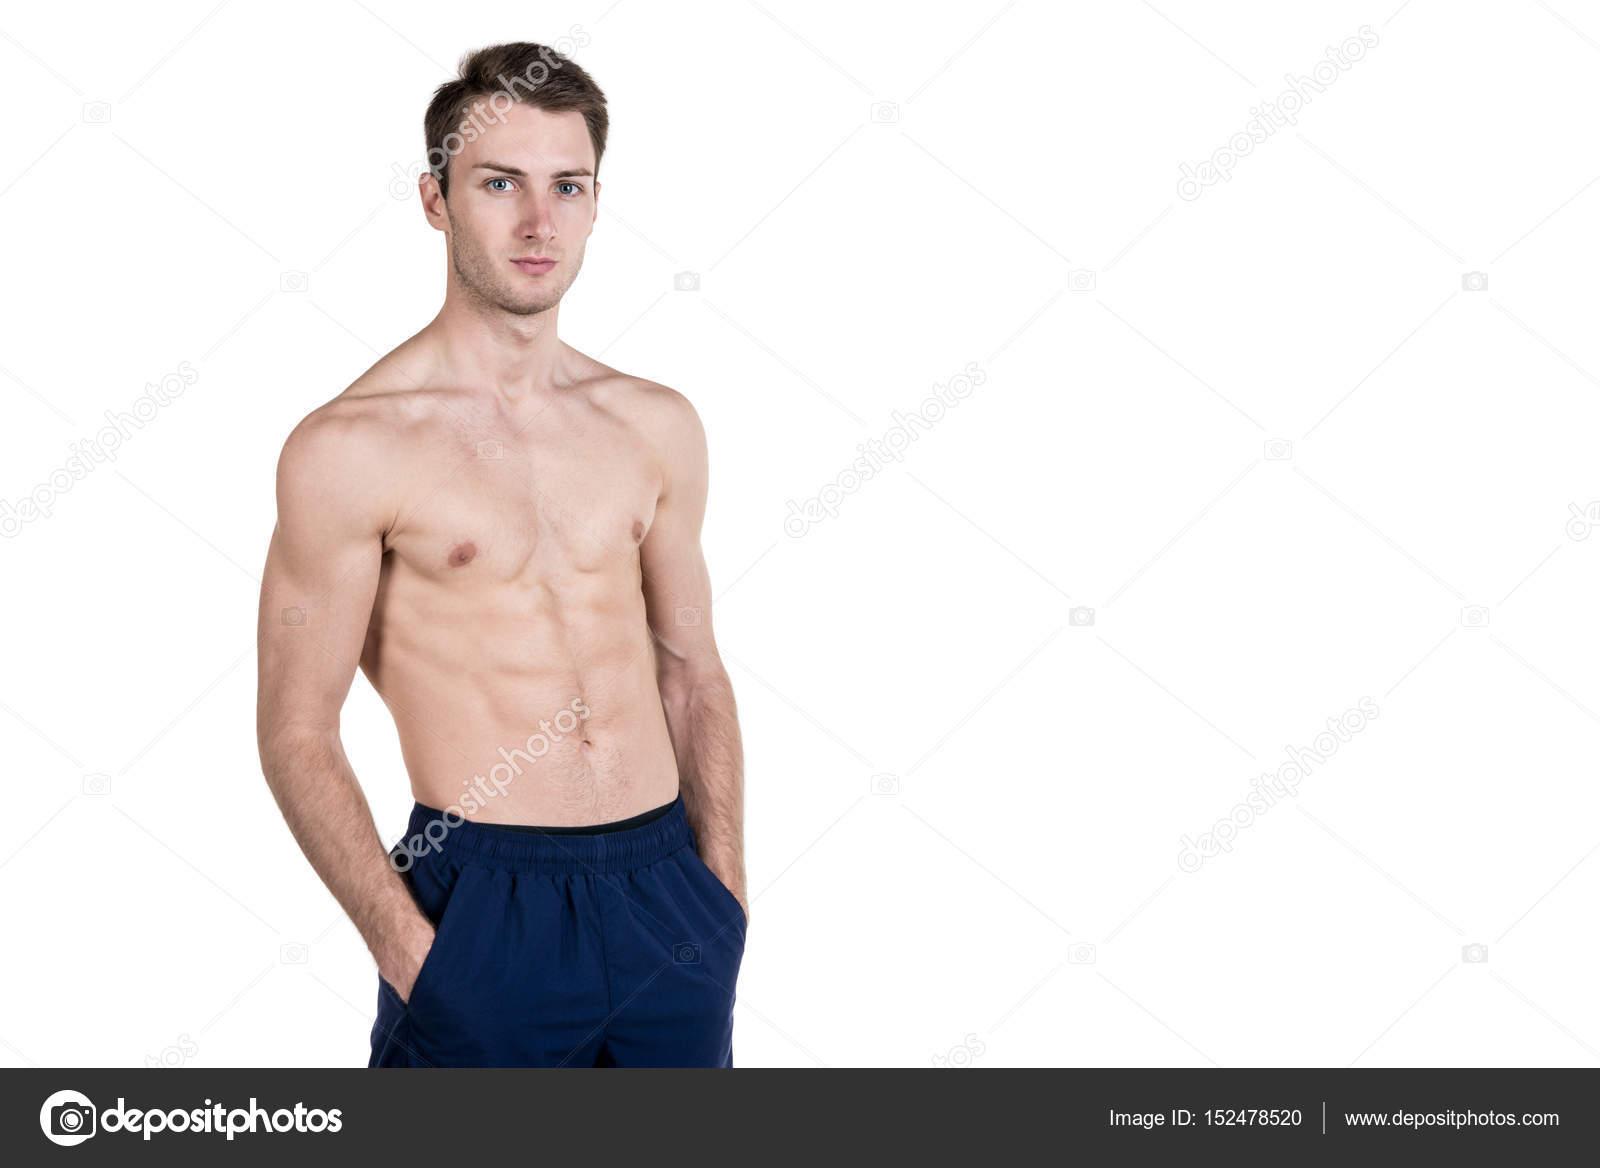 Spor Ve Diyet Sayesinde Daha Fit Bir Vücuda Sahip Olun